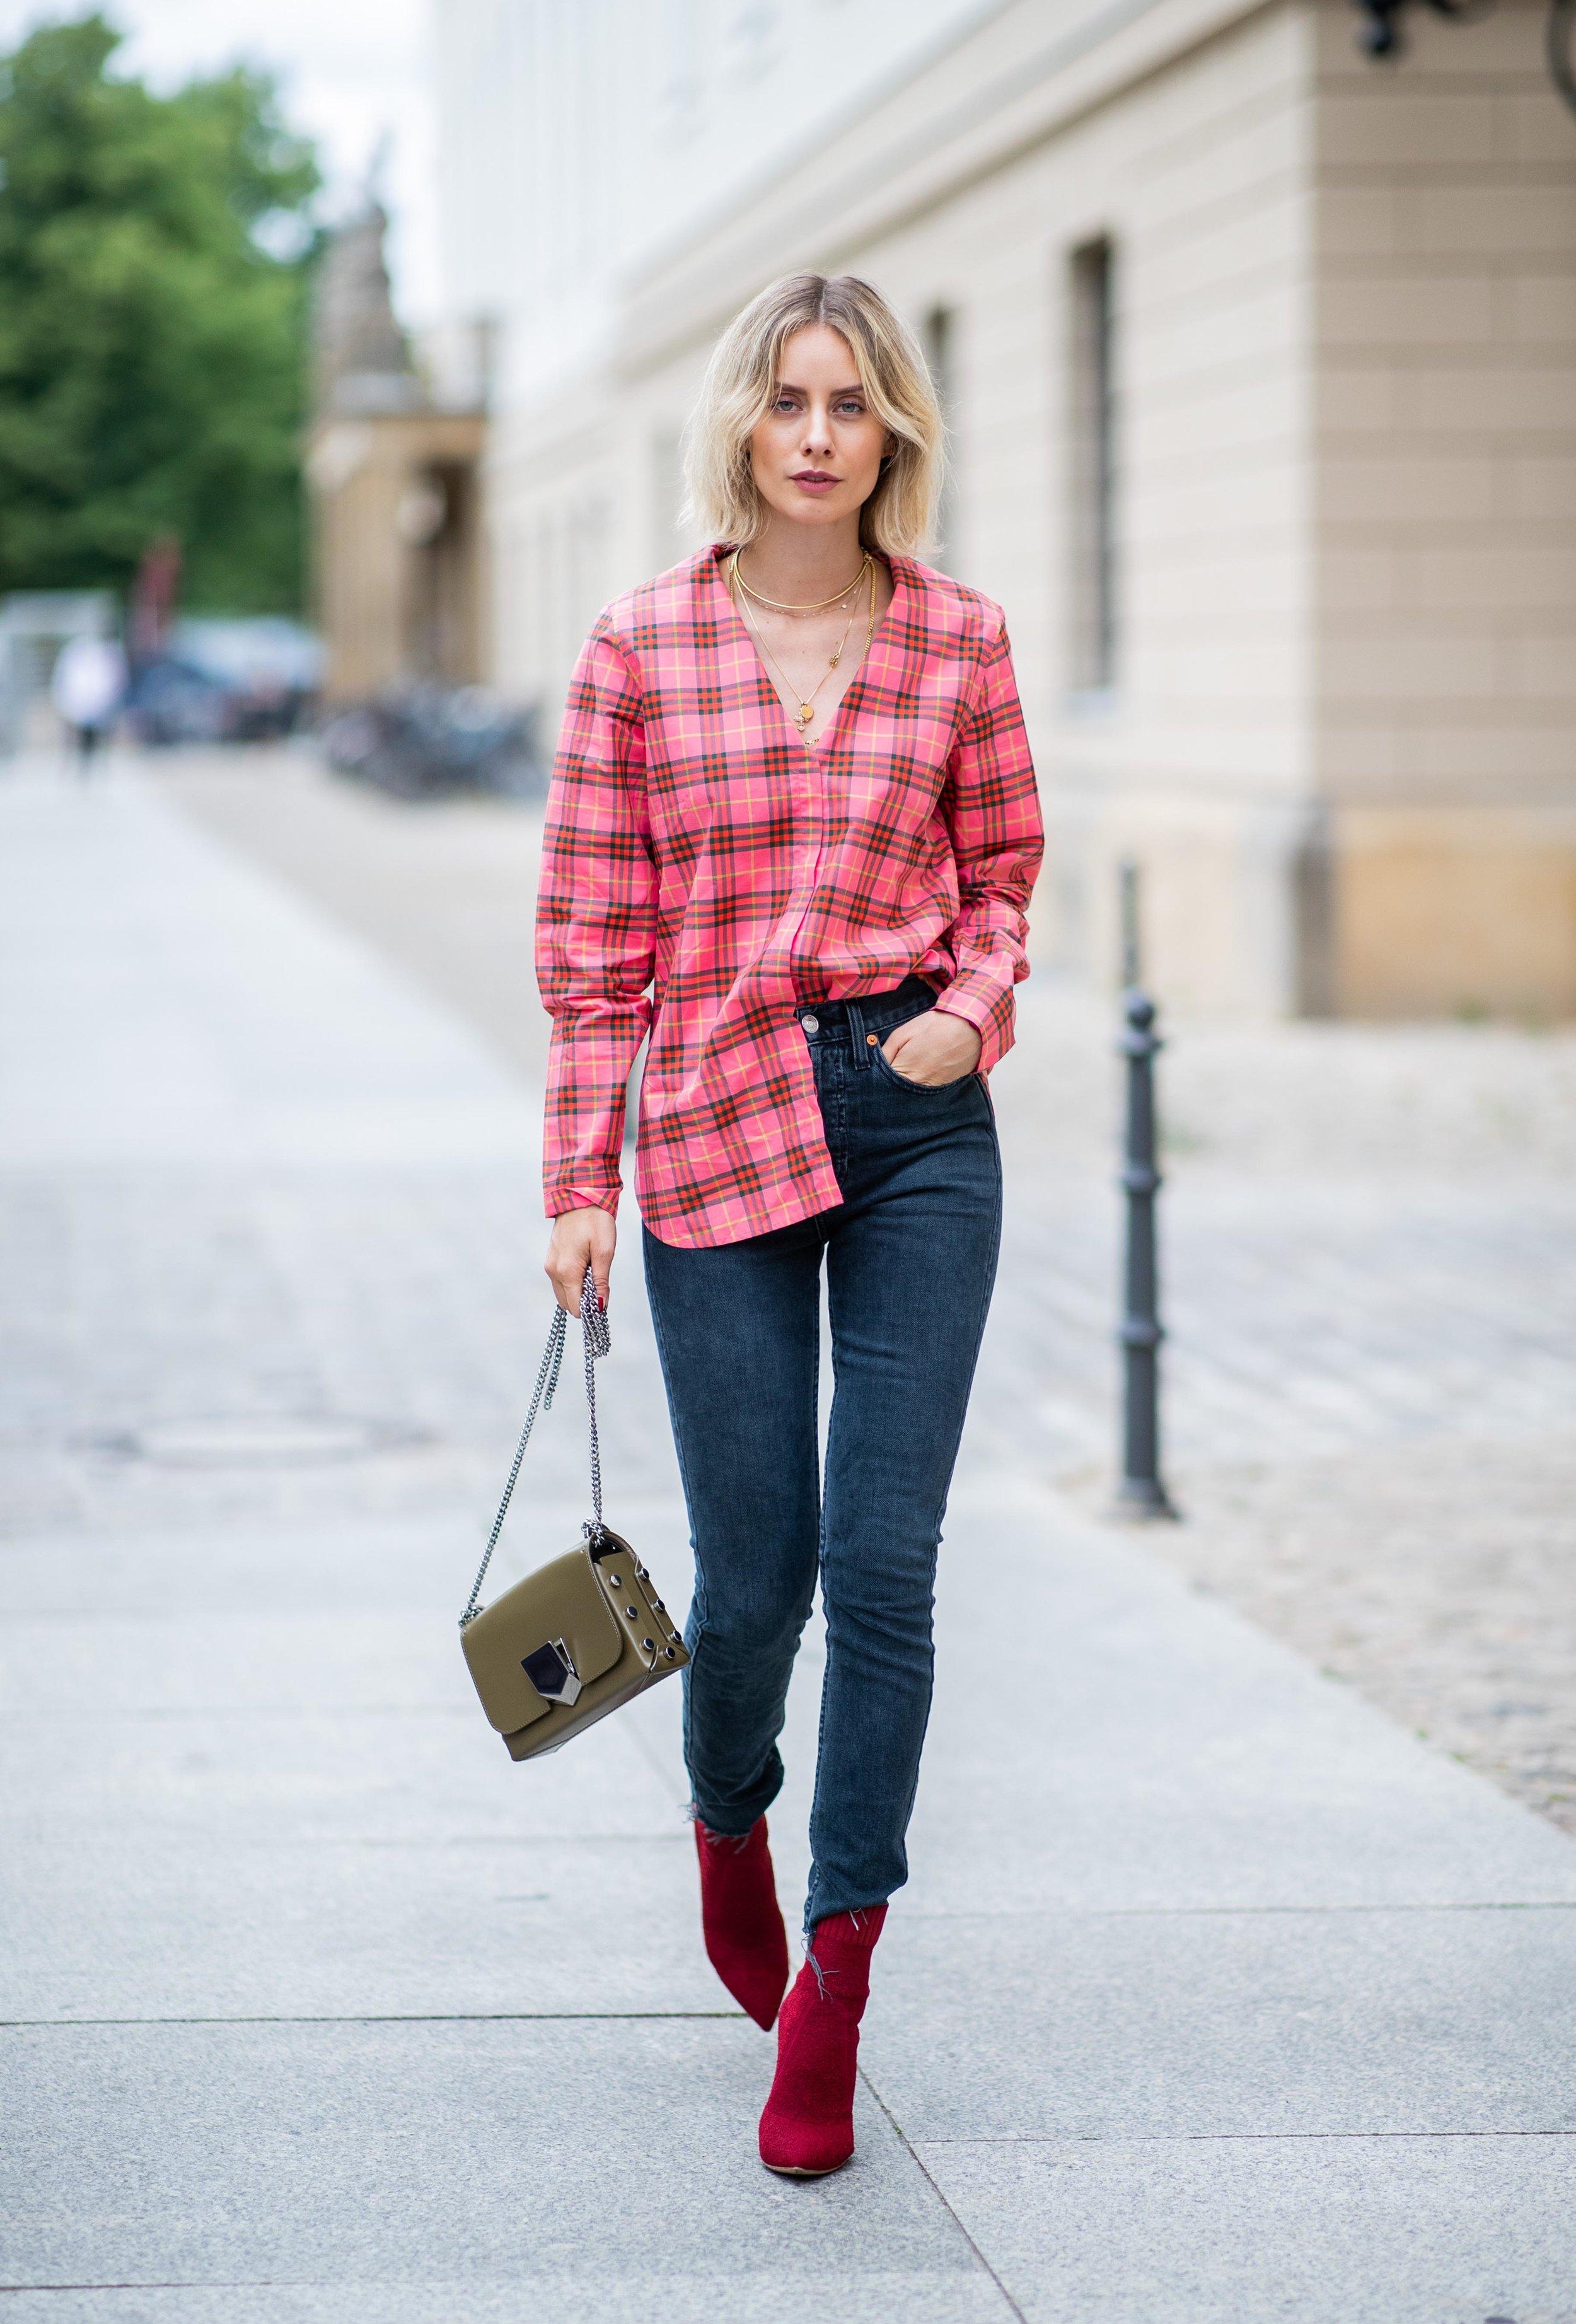 O look básico fica mais interessante com a bota vermelha